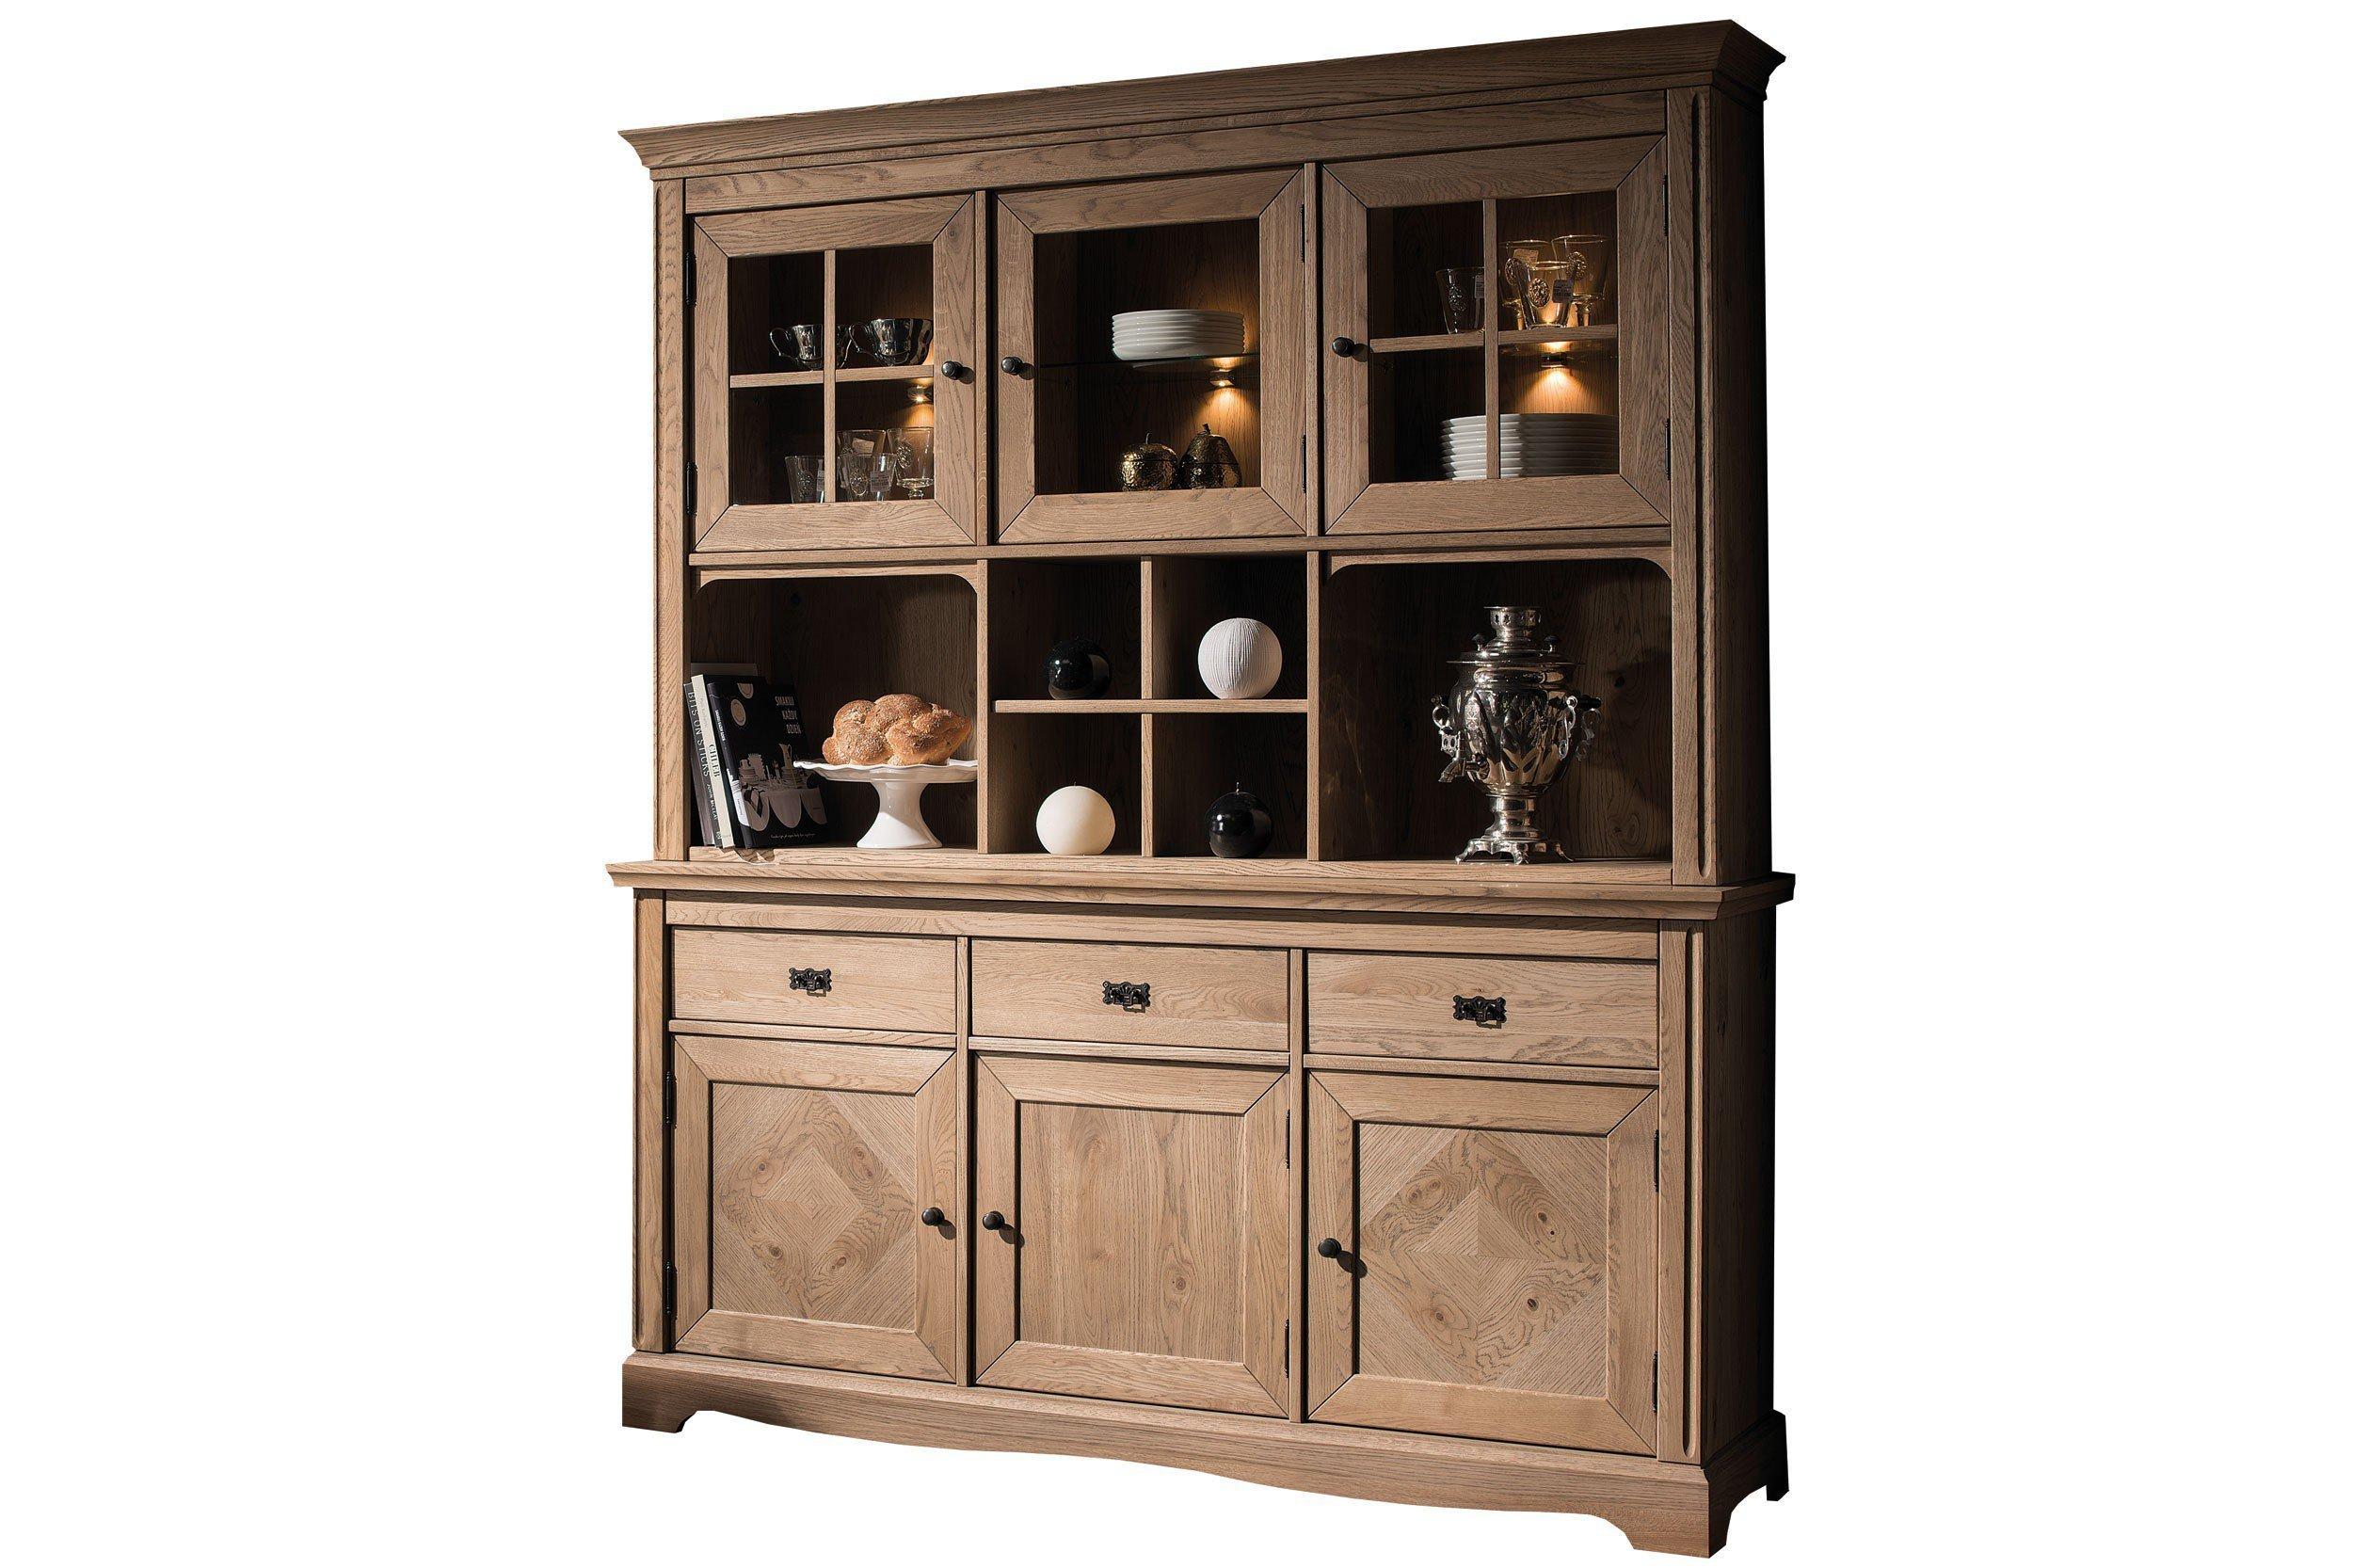 kollektion letz atelie vitrine alte eiche m bel letz ihr online shop. Black Bedroom Furniture Sets. Home Design Ideas